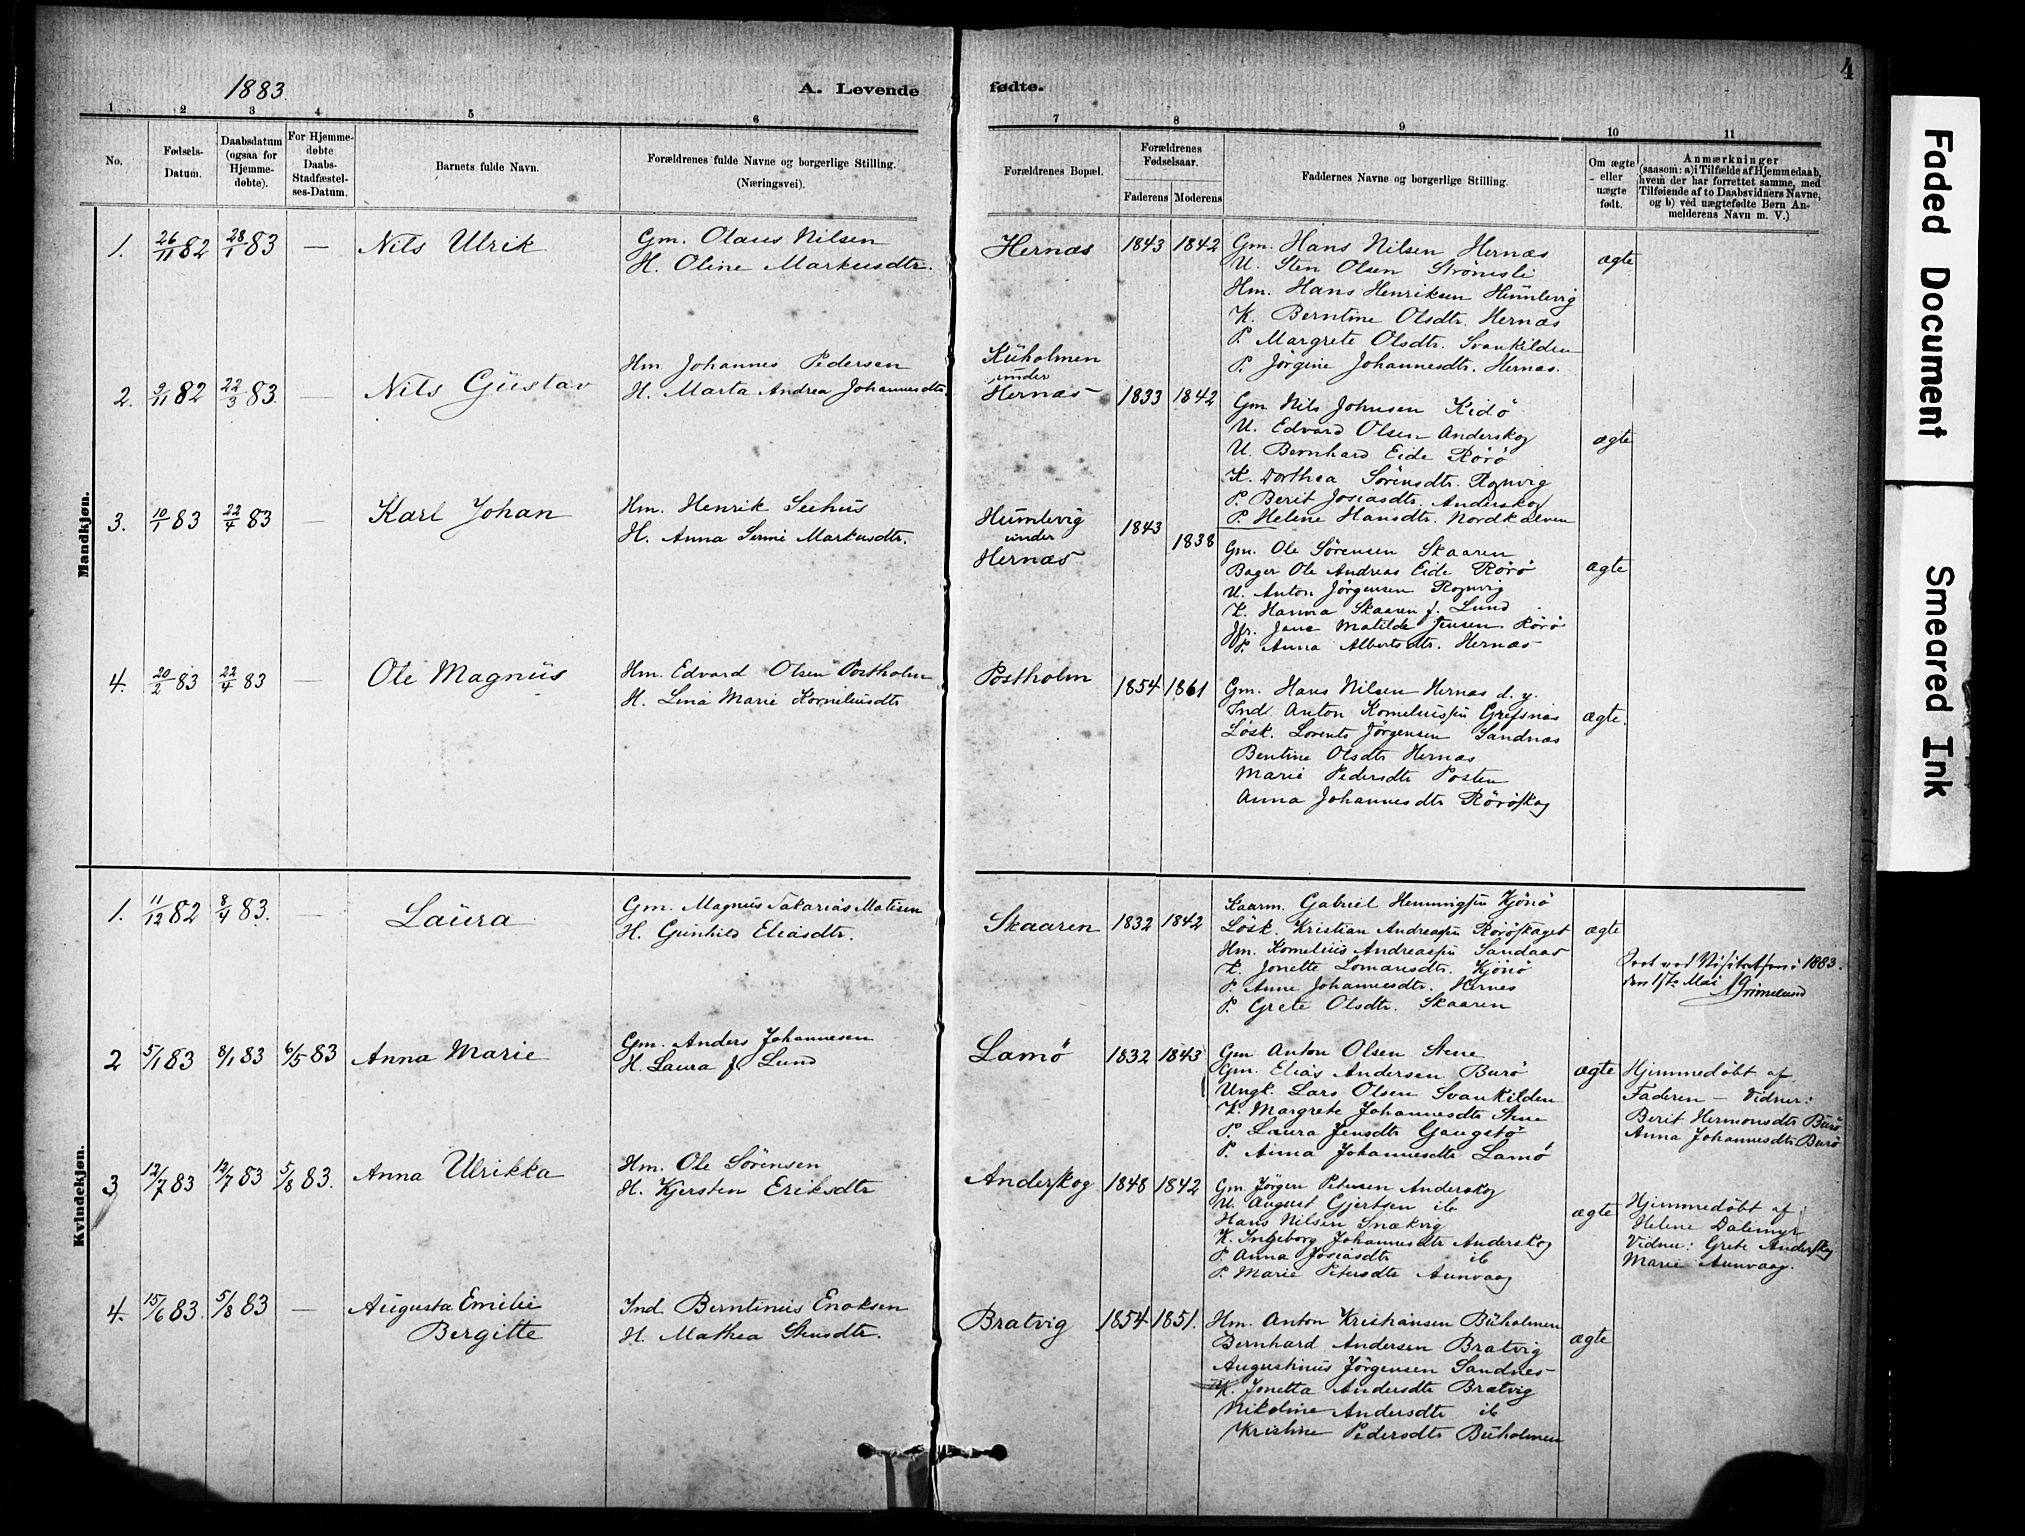 SAT, Ministerialprotokoller, klokkerbøker og fødselsregistre - Sør-Trøndelag, 635/L0551: Ministerialbok nr. 635A01, 1882-1899, s. 4